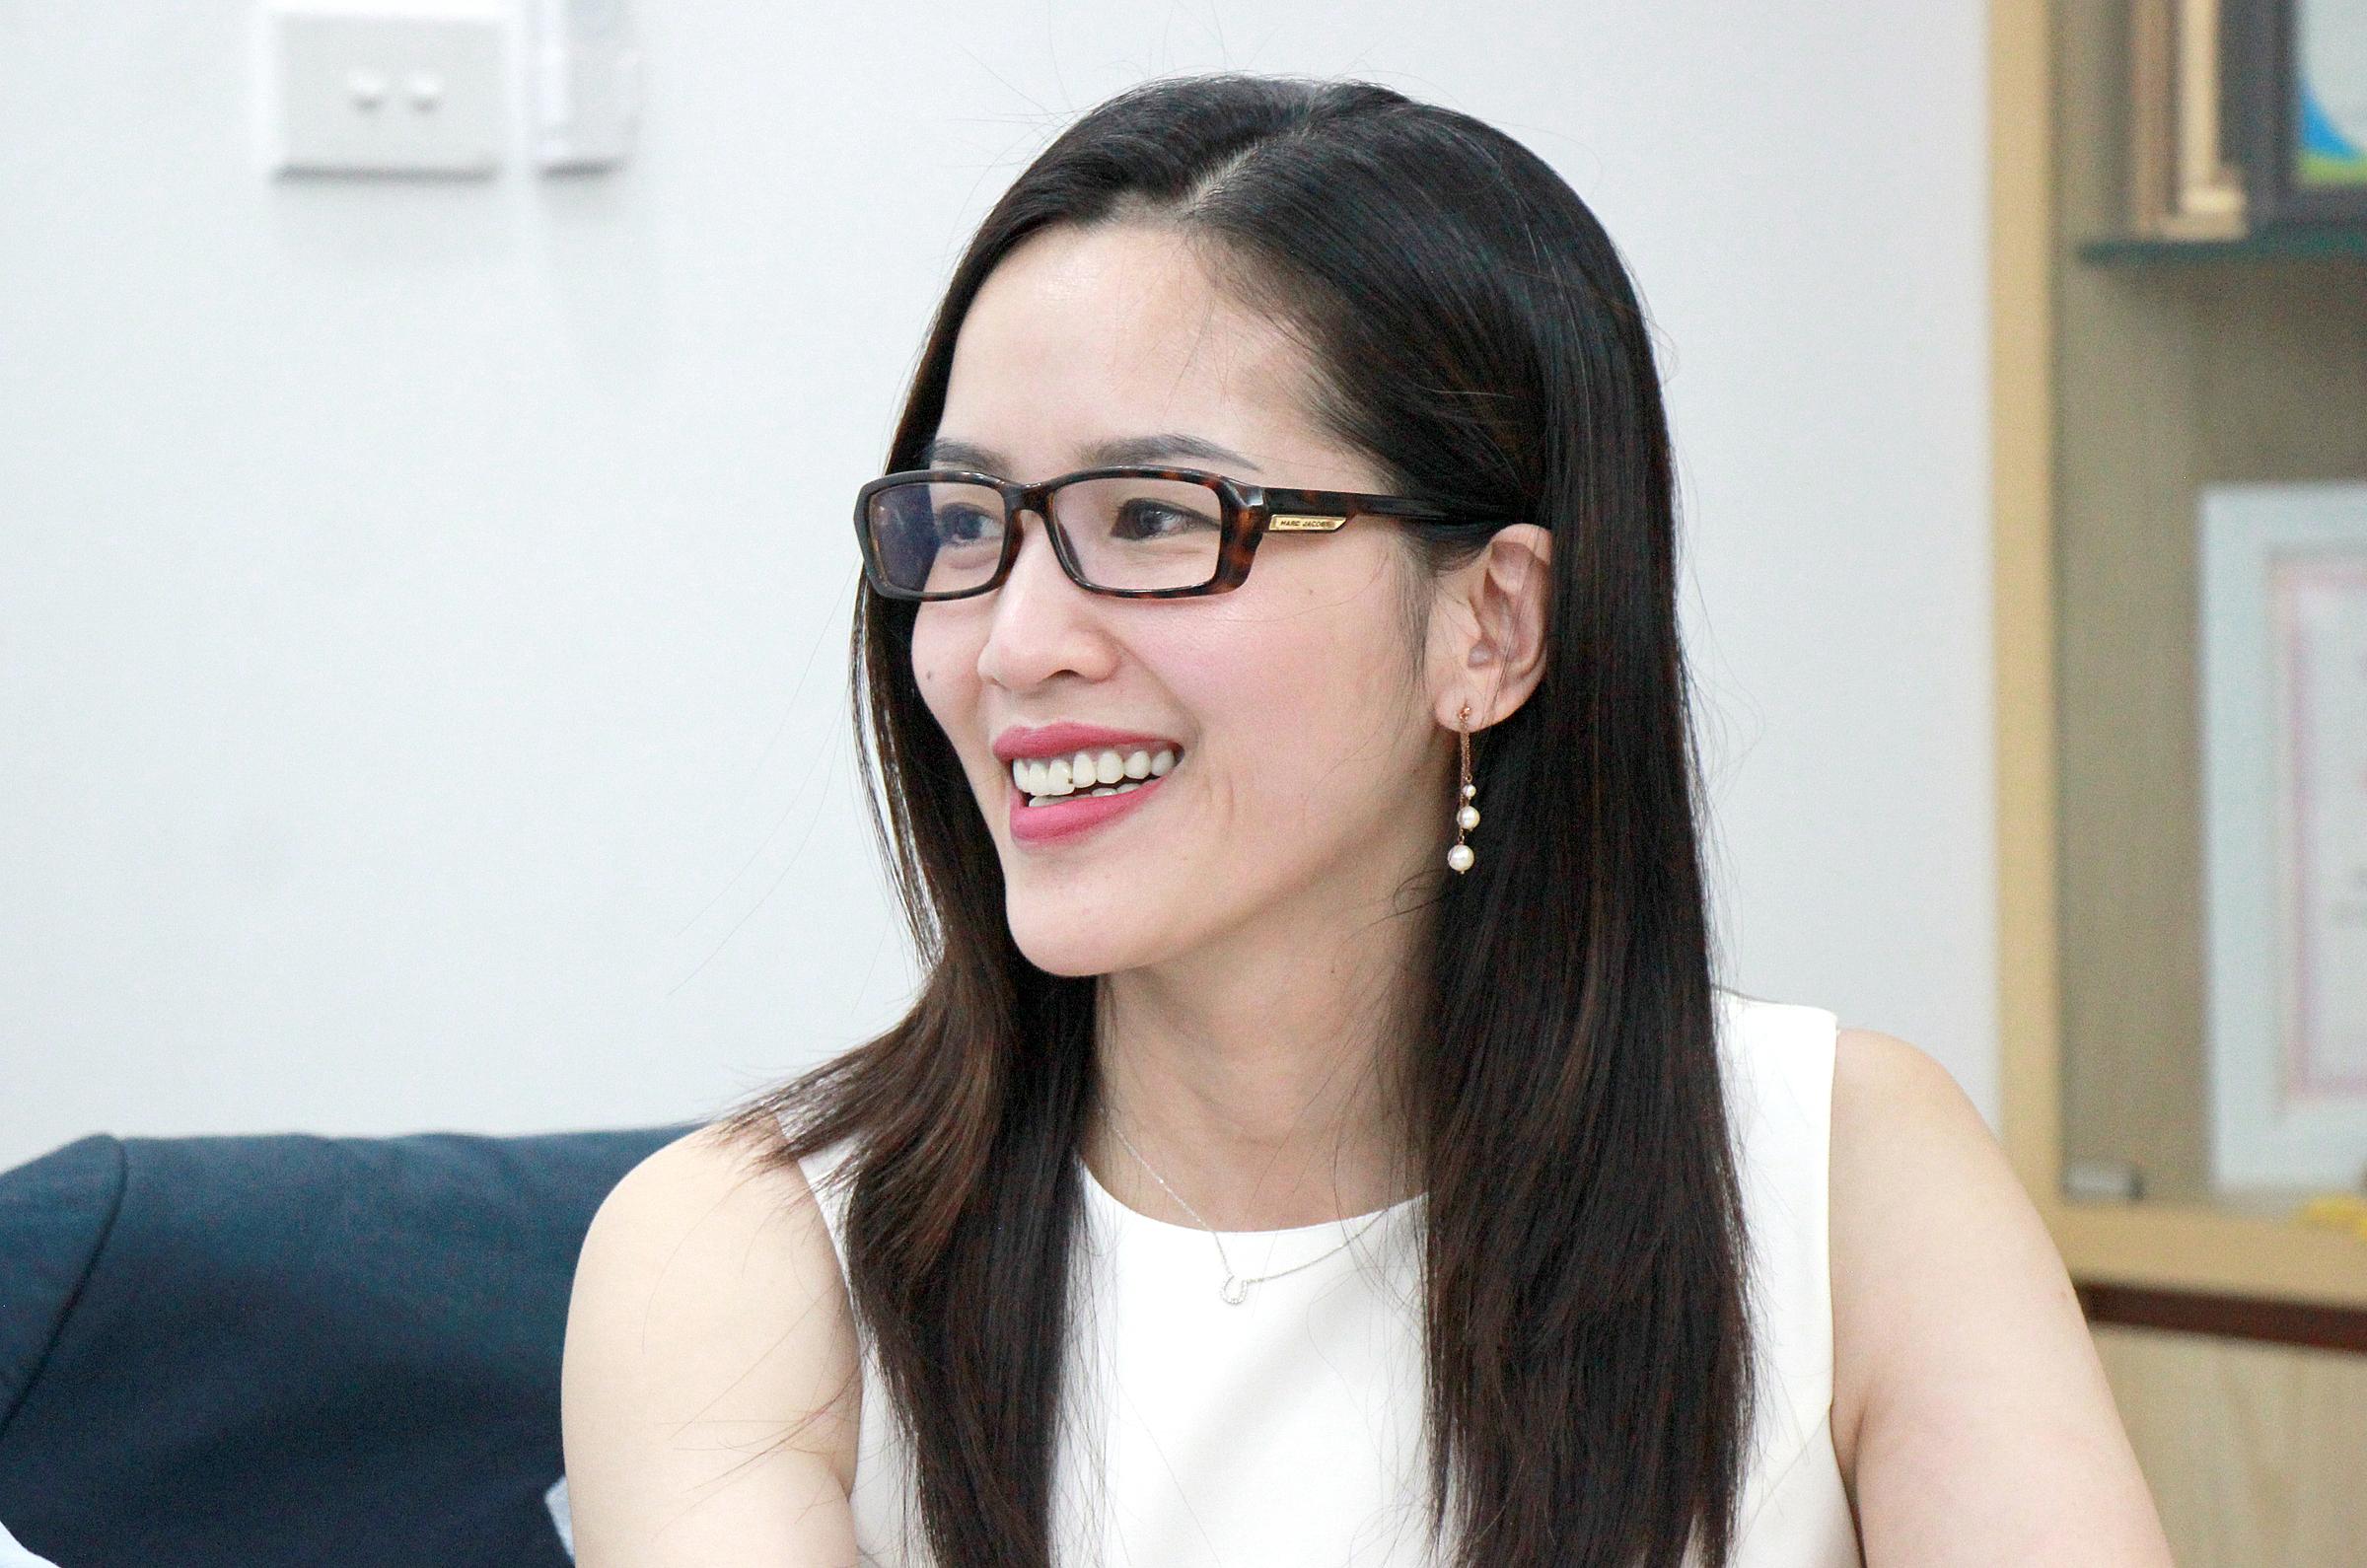 Chị Võ Hồng Hạnh tư vấn các bước để nộp hồ sơ xin học bổng. Ảnh: Quang Anh.